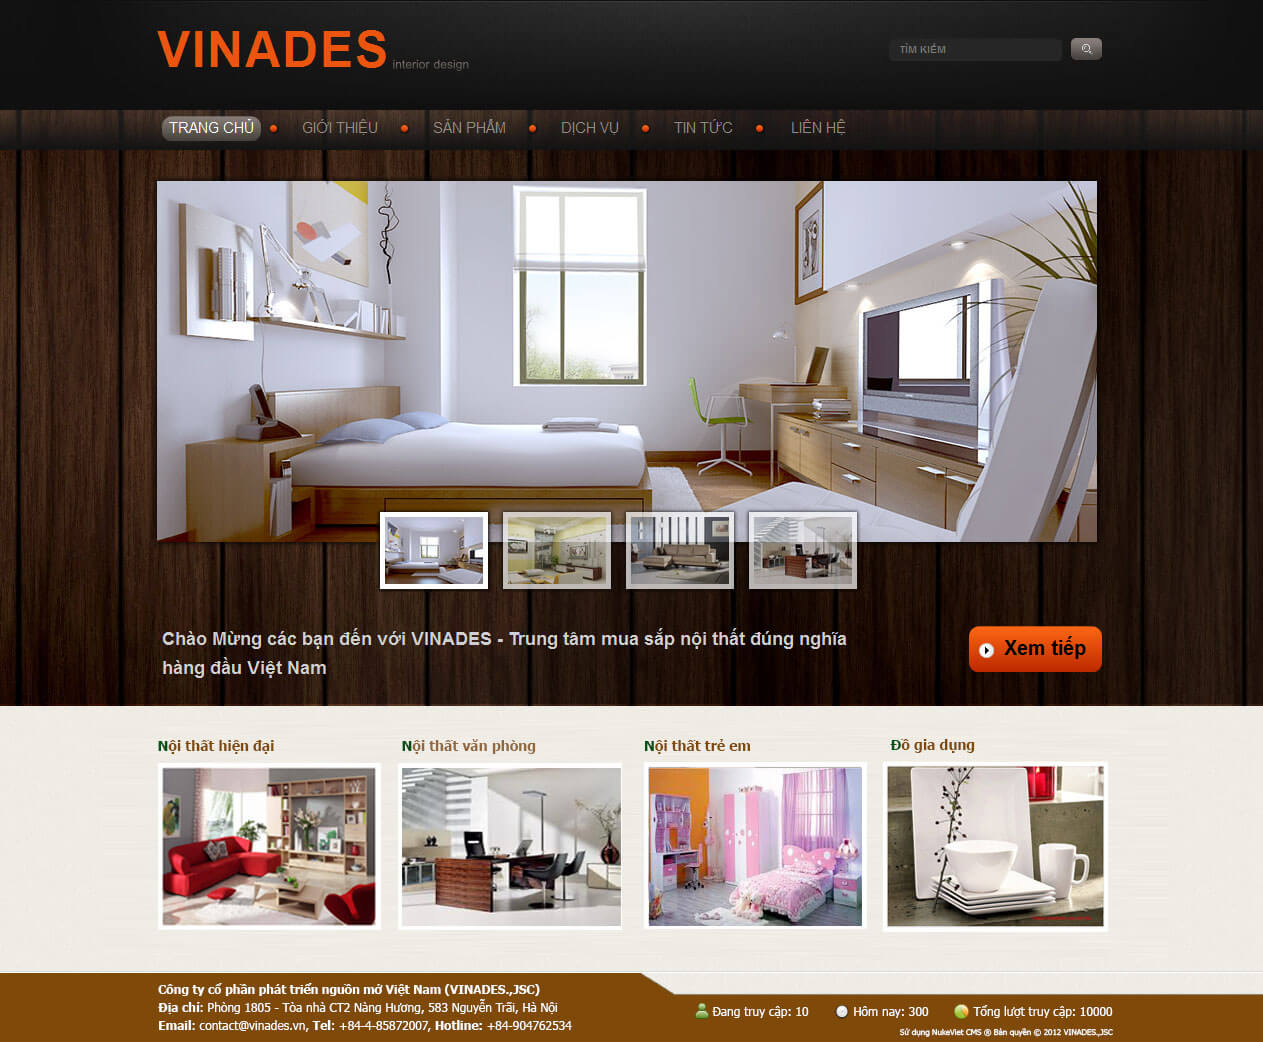 Khi thiết kế website nội thất cần chú ý đến phong cách trên website